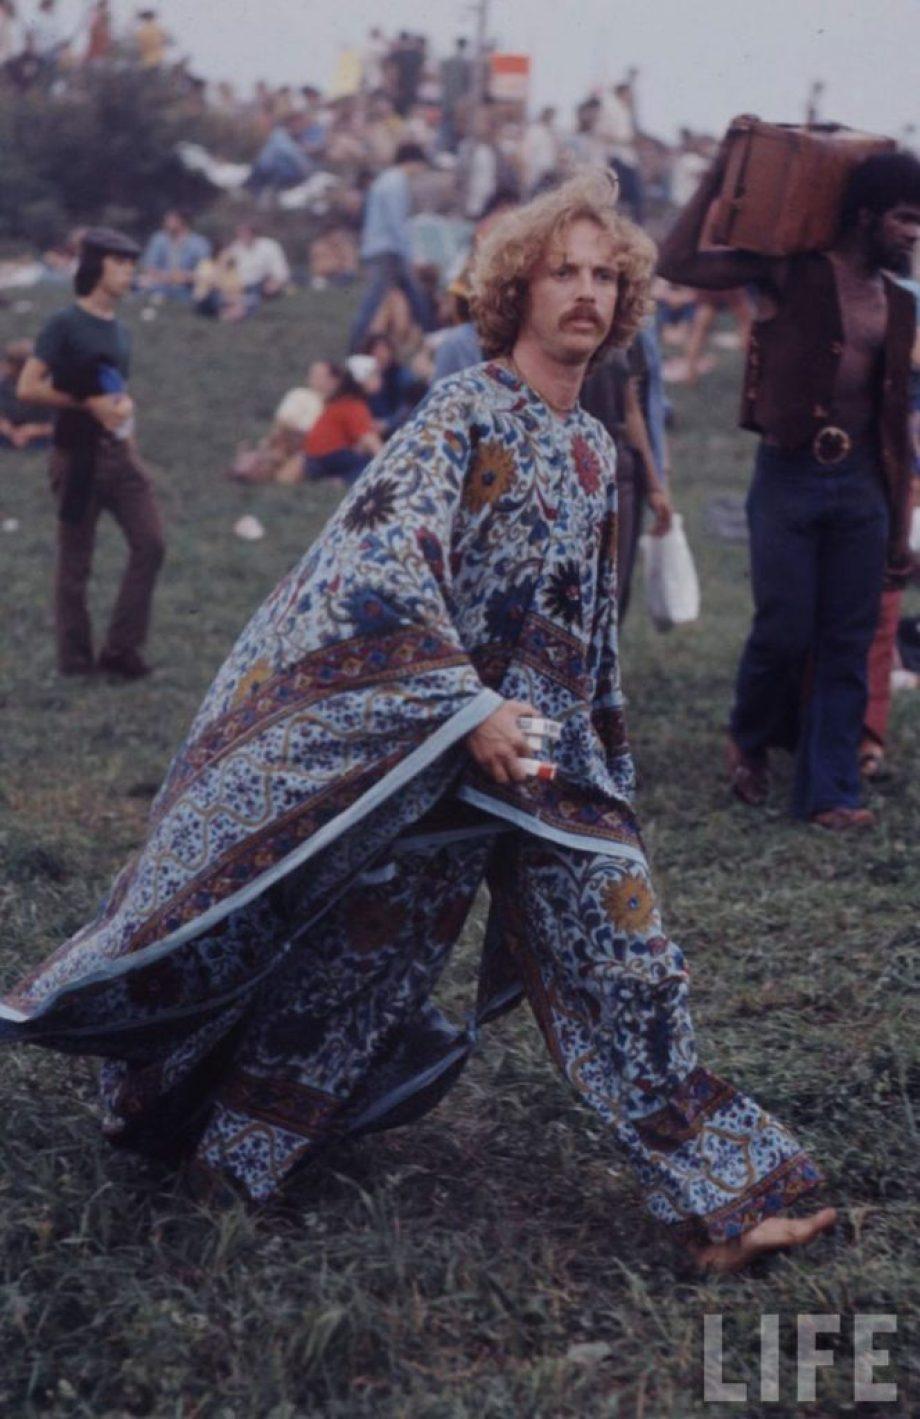 fotos-festival-woodstock-1969-revista-life-5